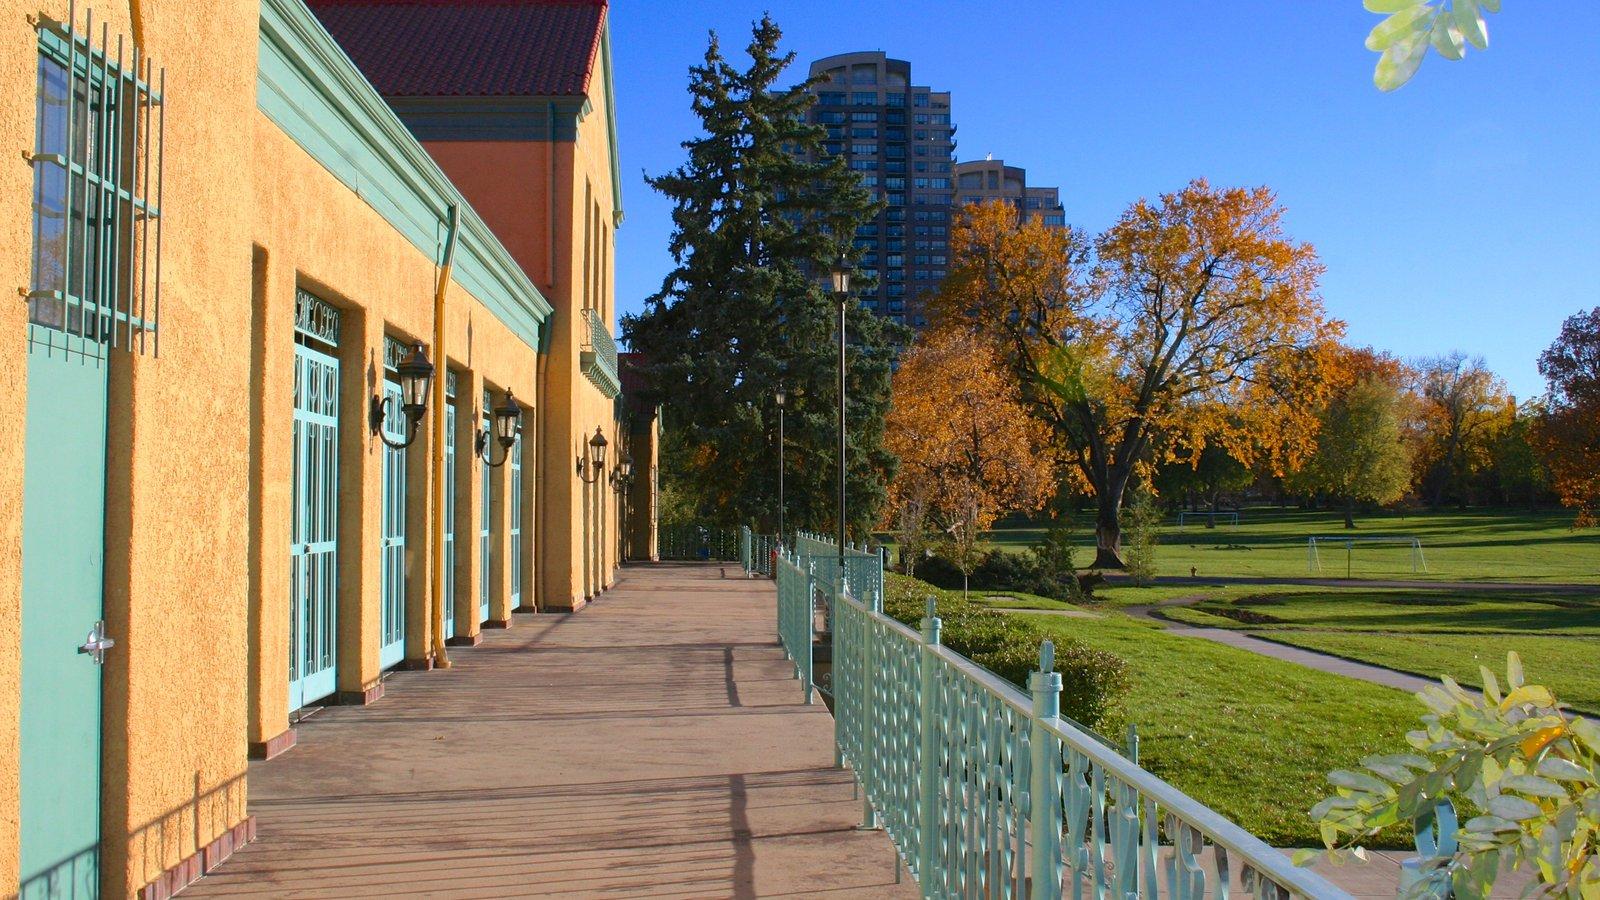 City Park caracterizando uma cidade e um parque